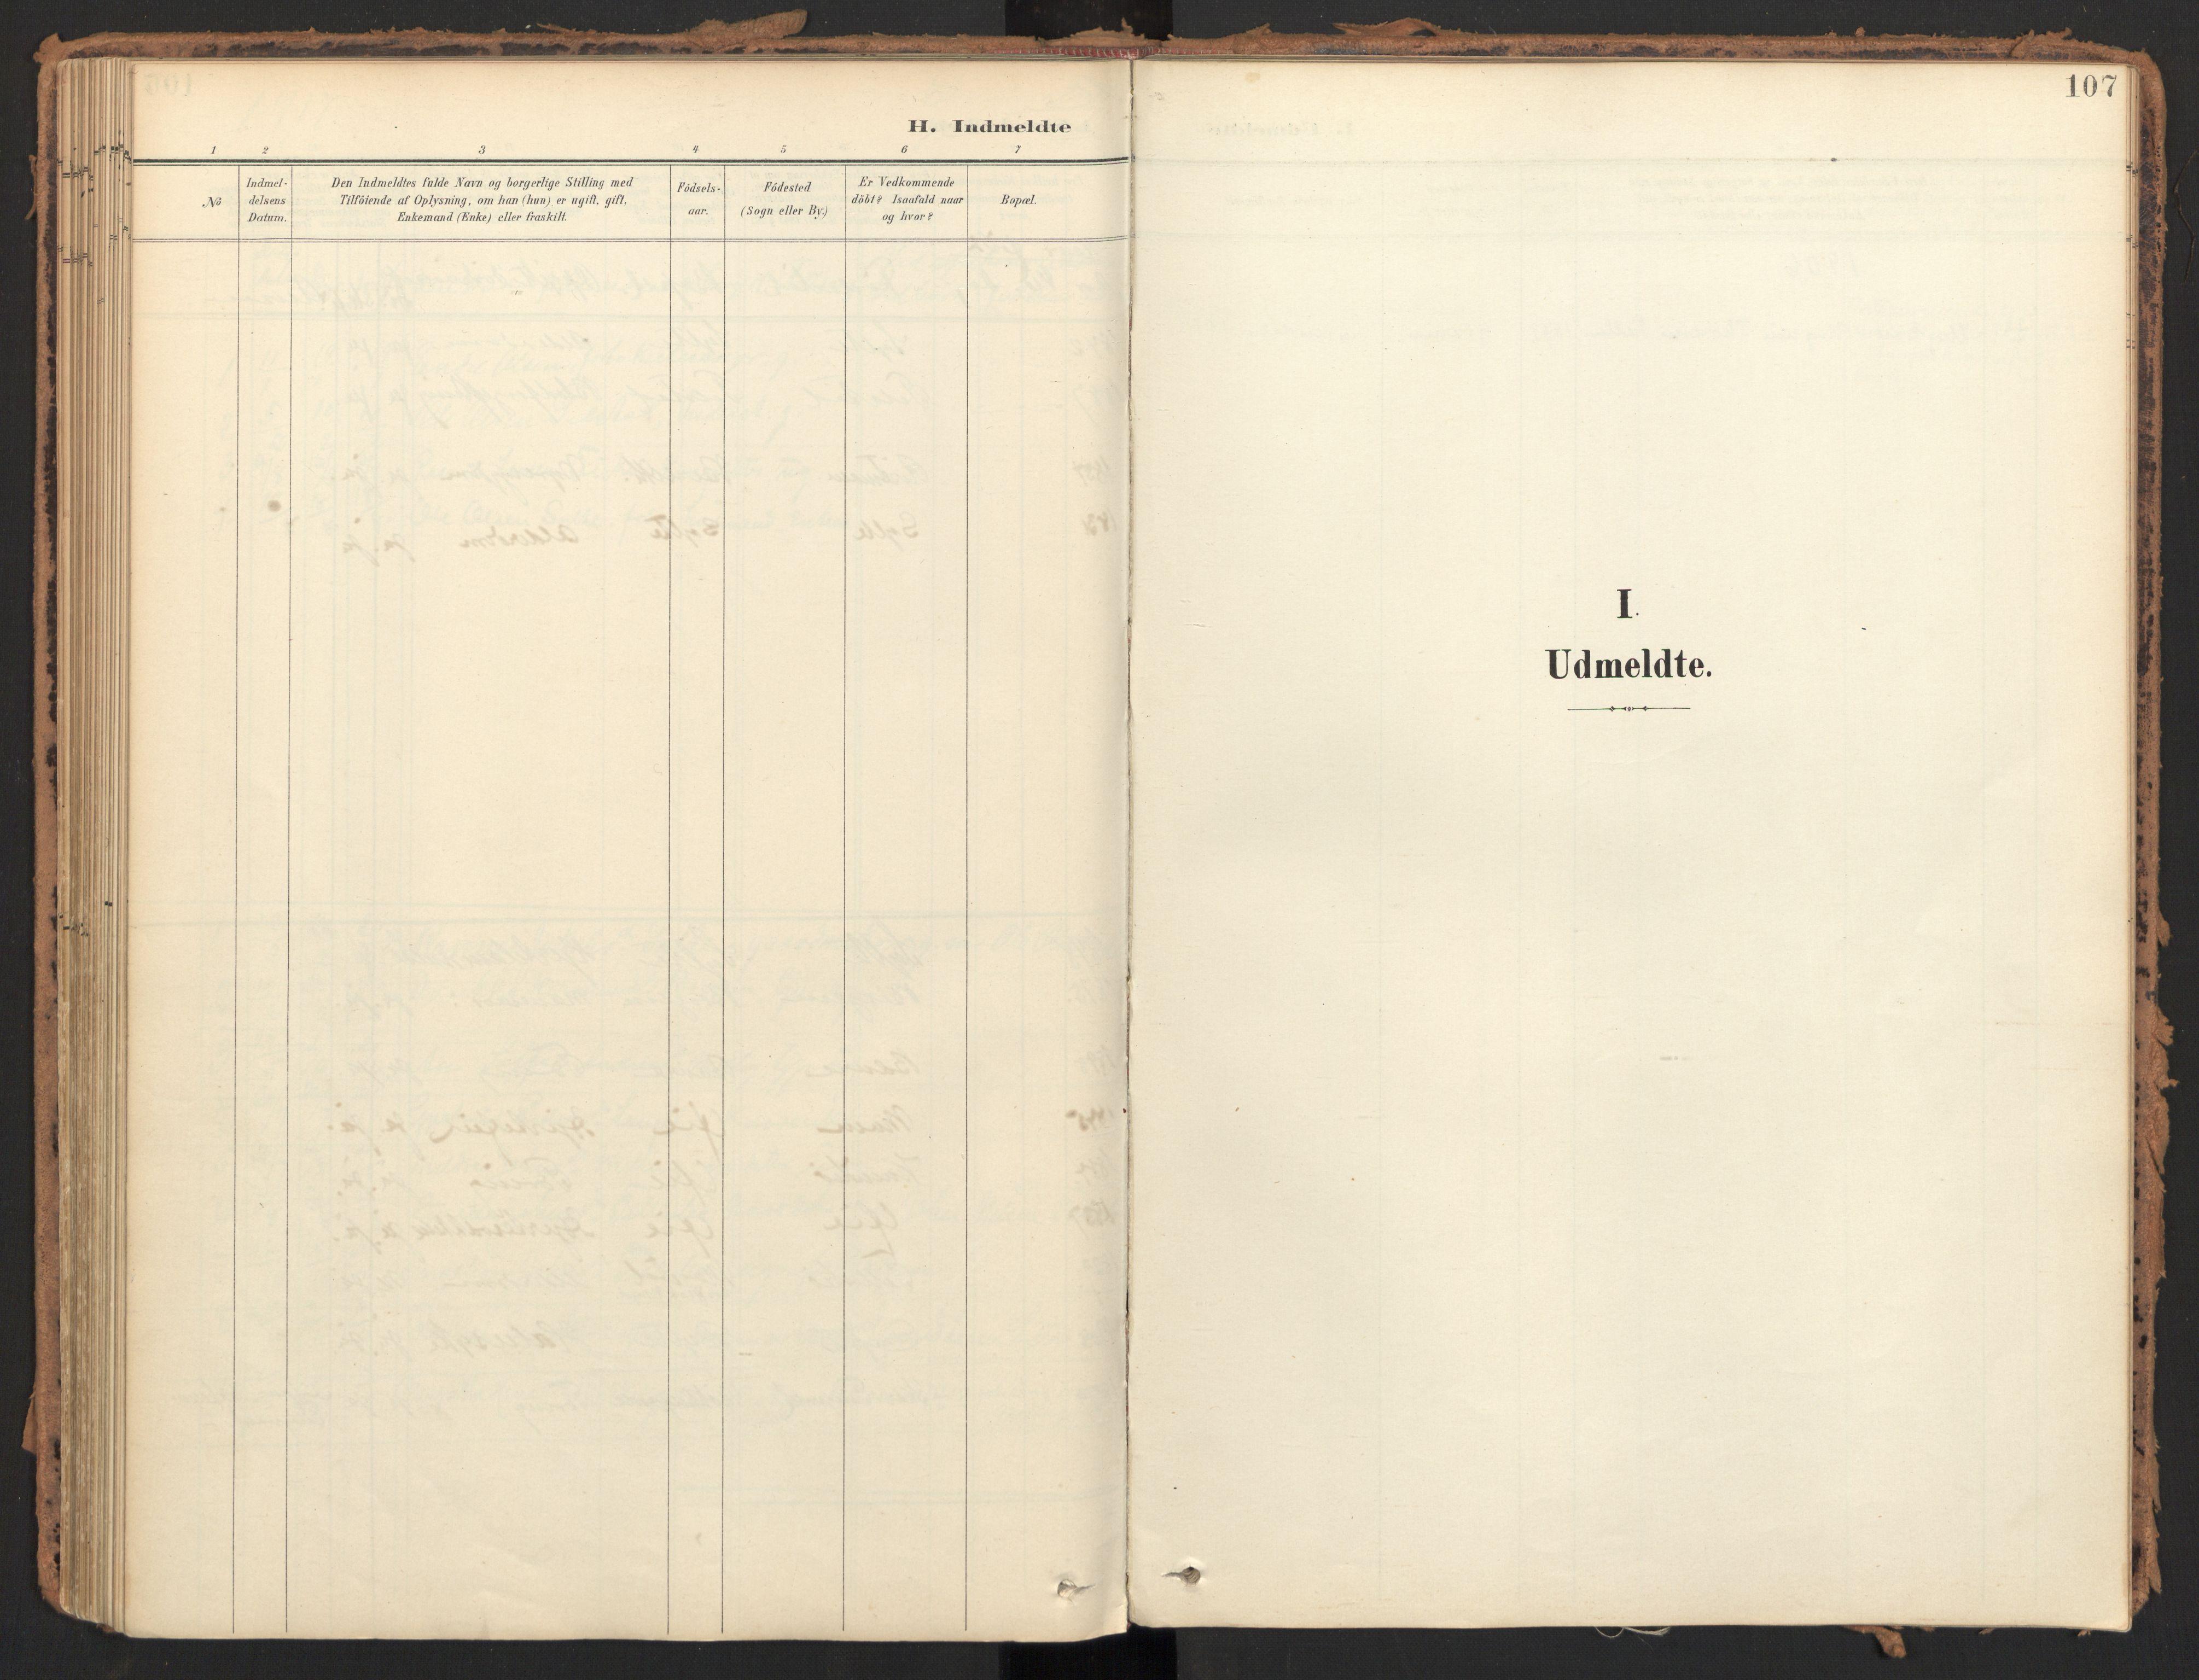 SAT, Ministerialprotokoller, klokkerbøker og fødselsregistre - Møre og Romsdal, 595/L1048: Ministerialbok nr. 595A10, 1900-1917, s. 107